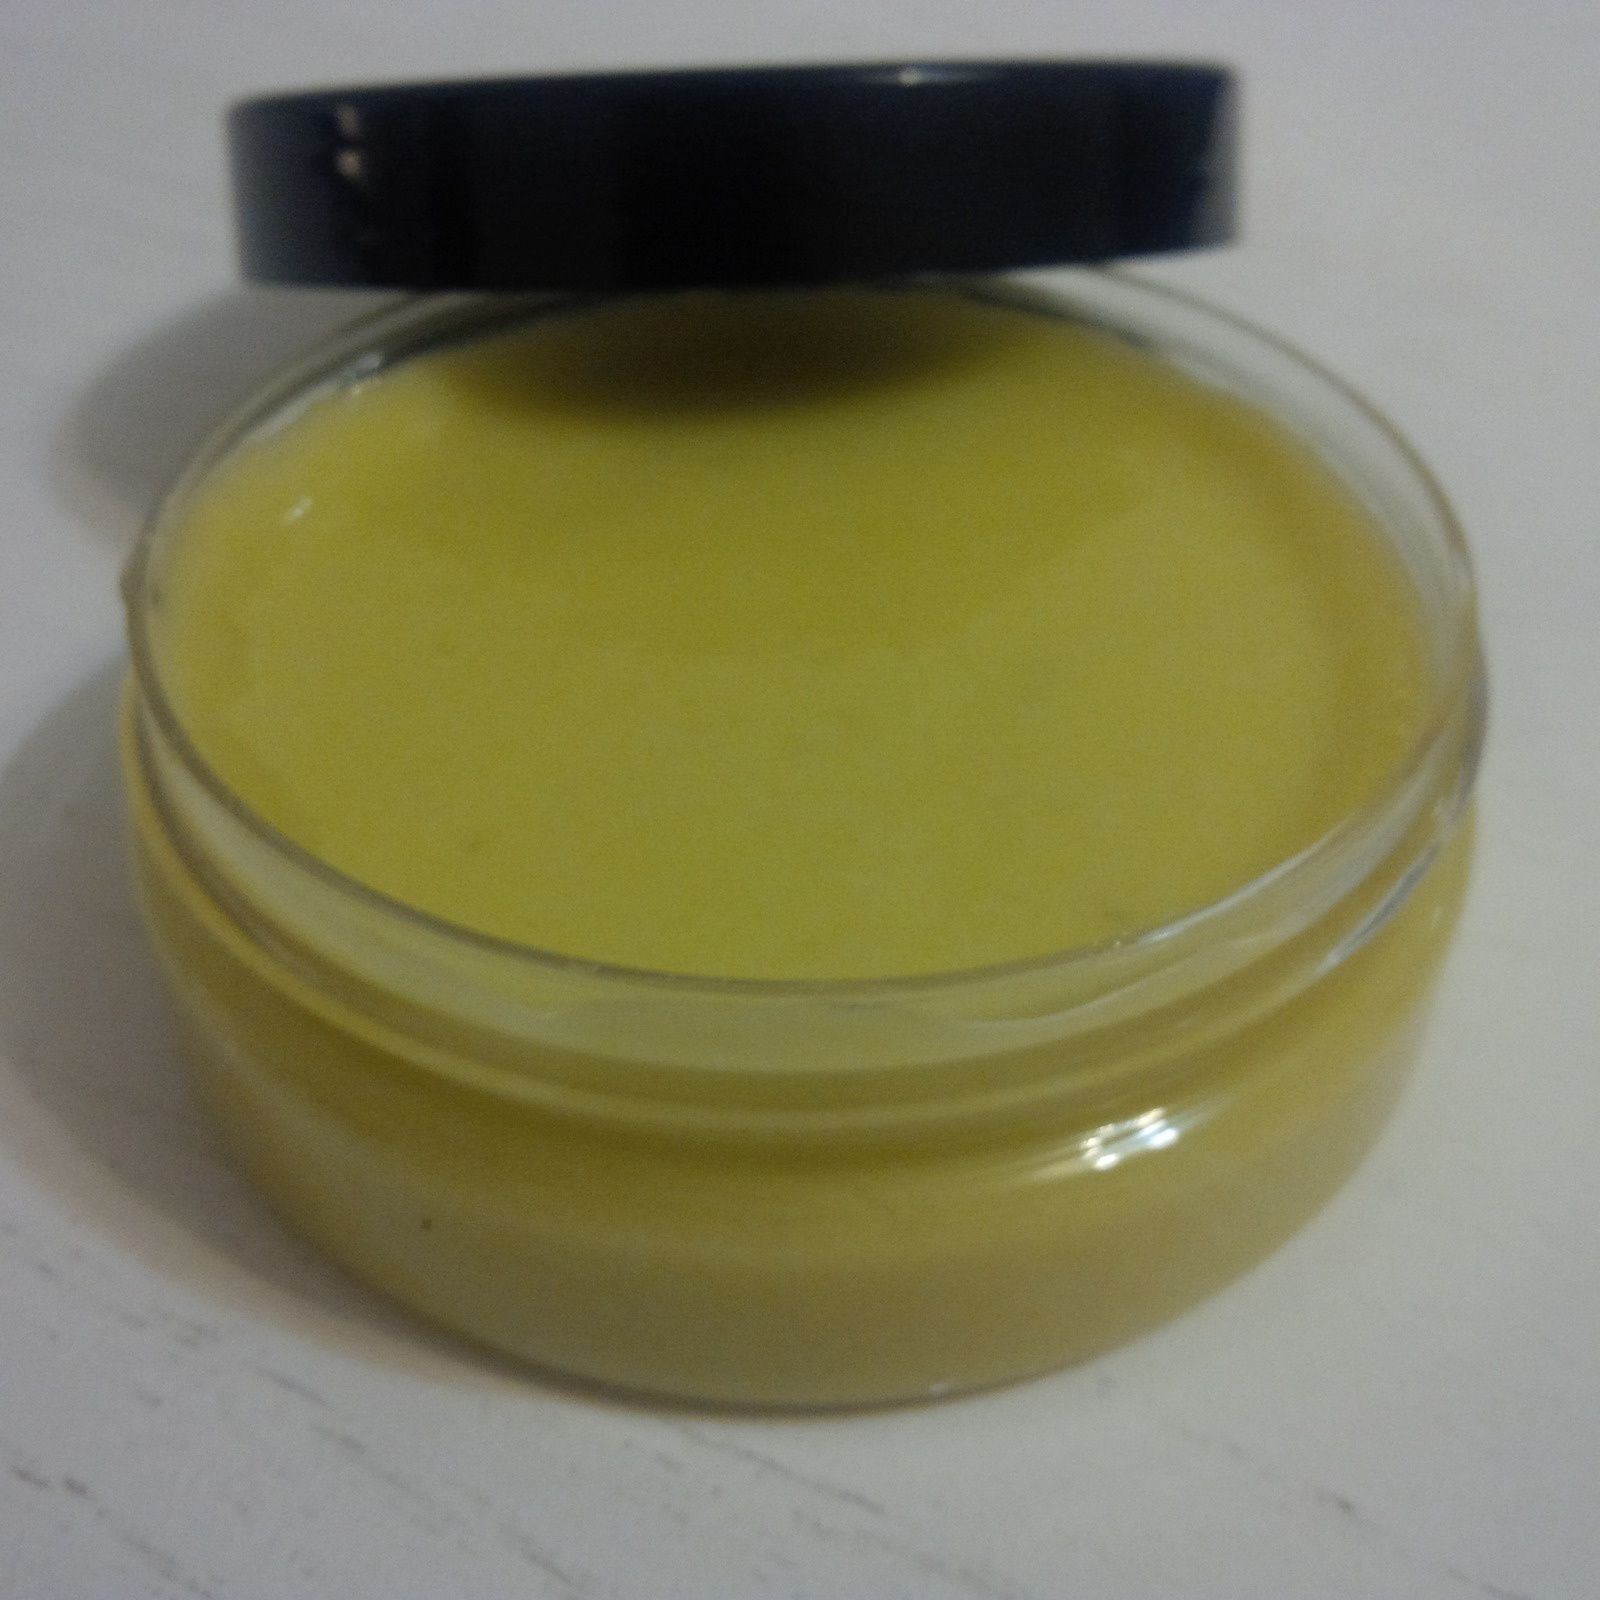 Guide du débutant dans les cosmétiques - Peaux normales - Deuxième commande AZ